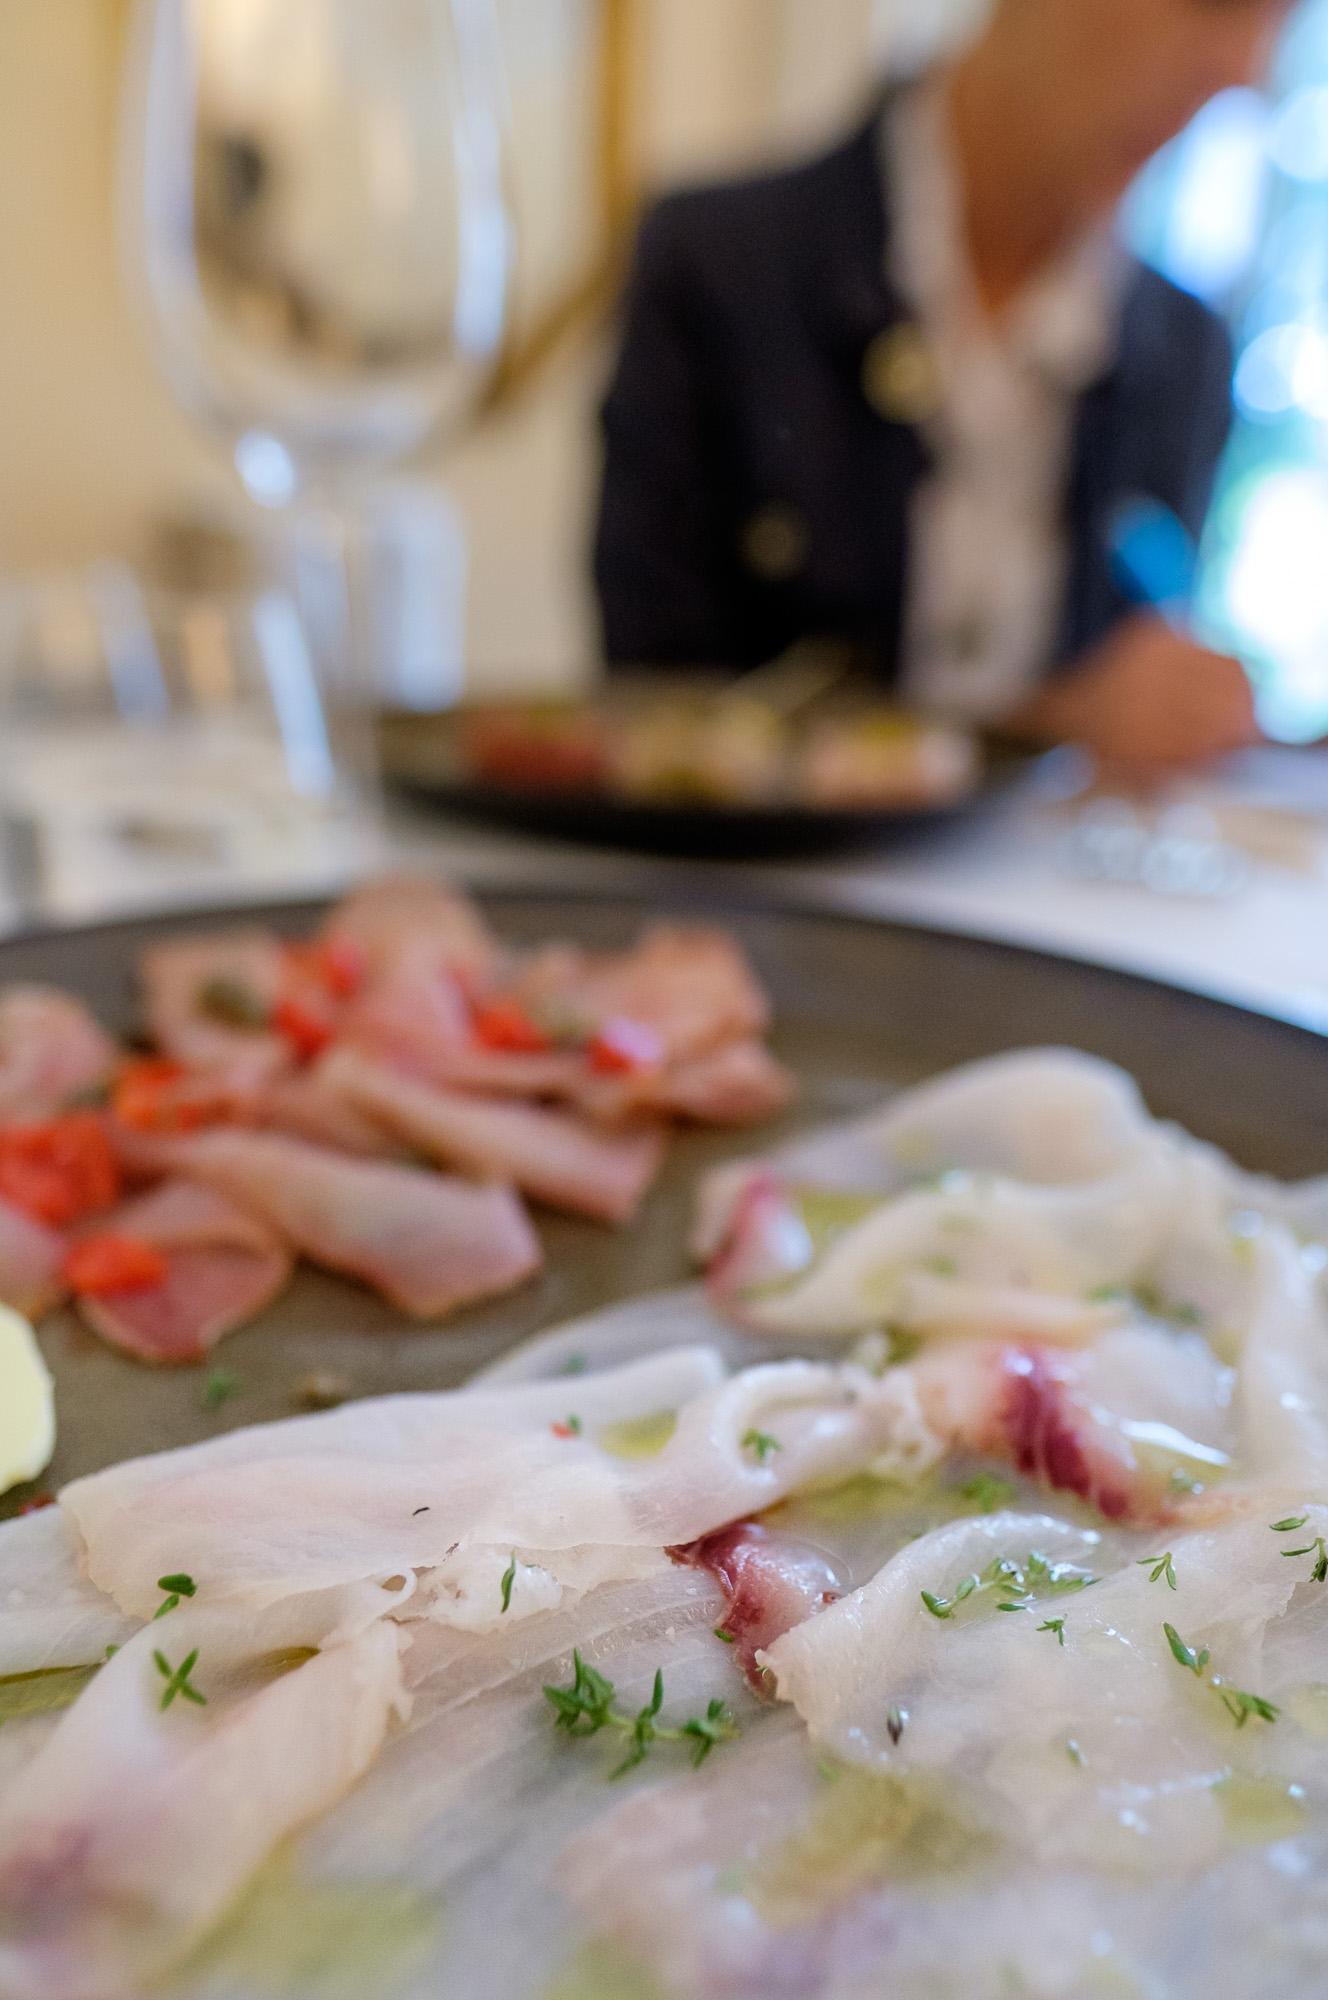 Il carpaccio: Pesce Spada, arancia, limone , olio e timo - Tonno, capperi, pomodoro pachino ed olio